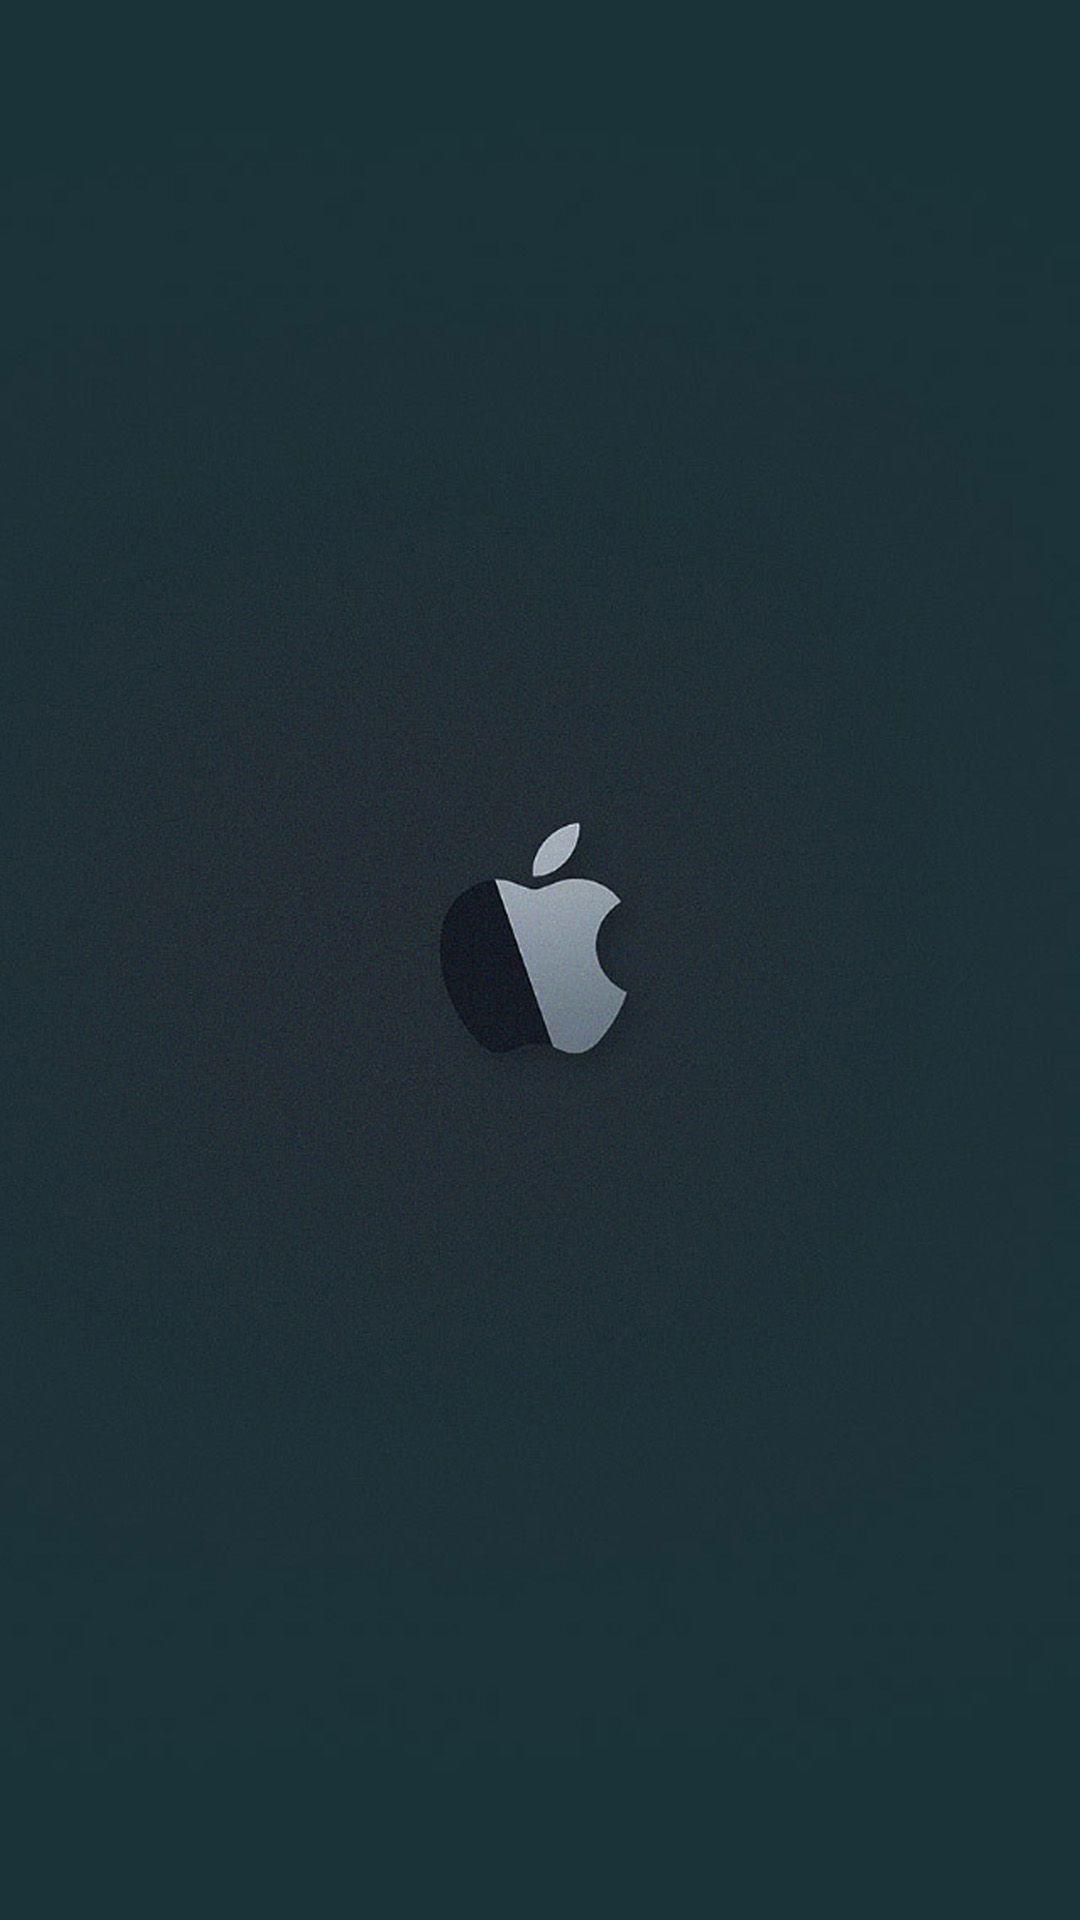 アップル Apple Inc のロゴダークグリーンiphone 8 7 Plus壁紙